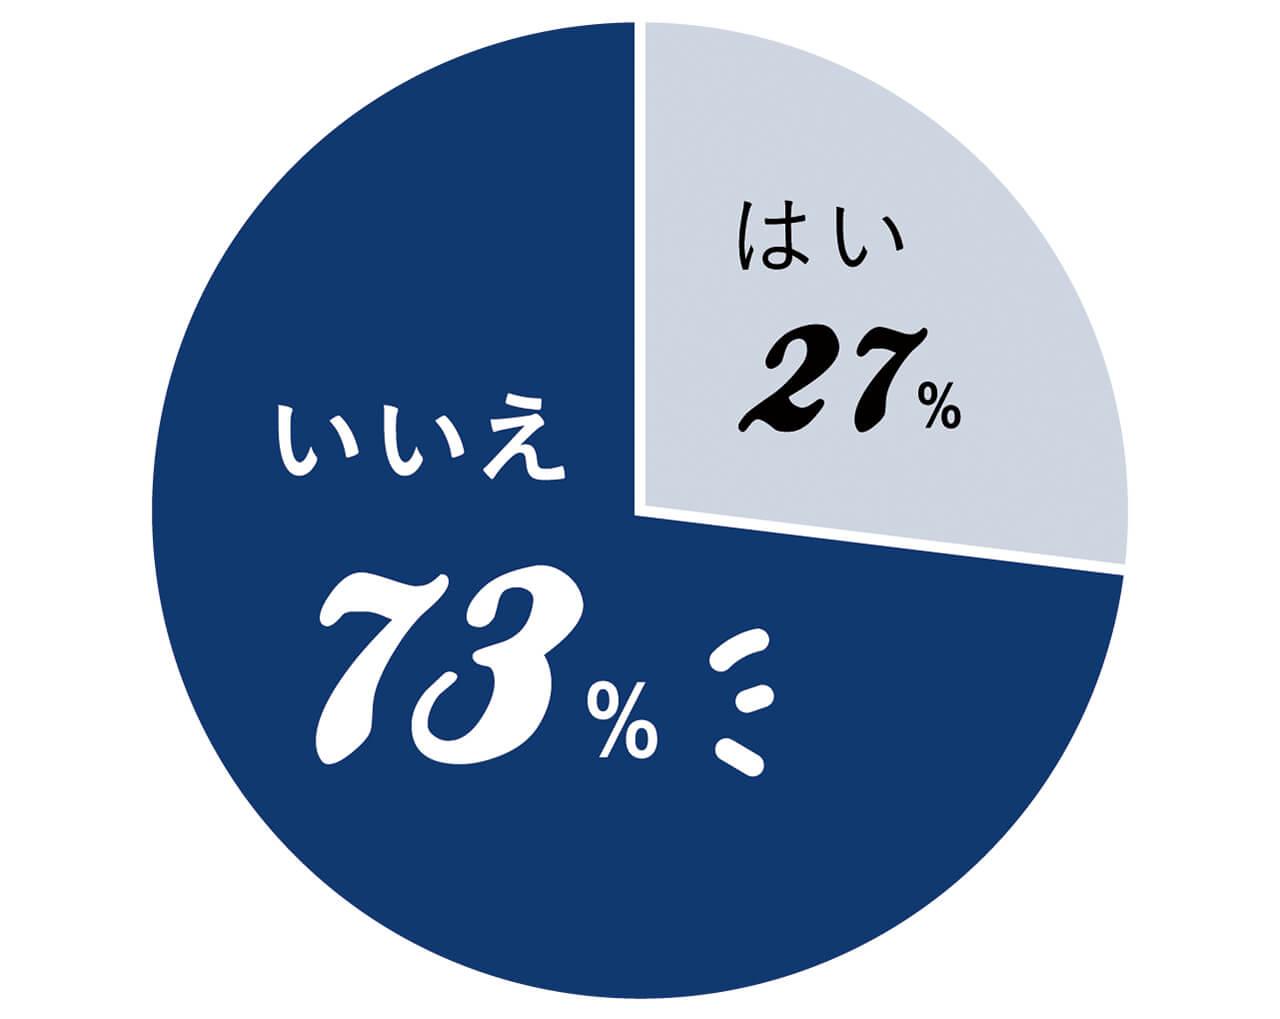 はい27% いいえ73%